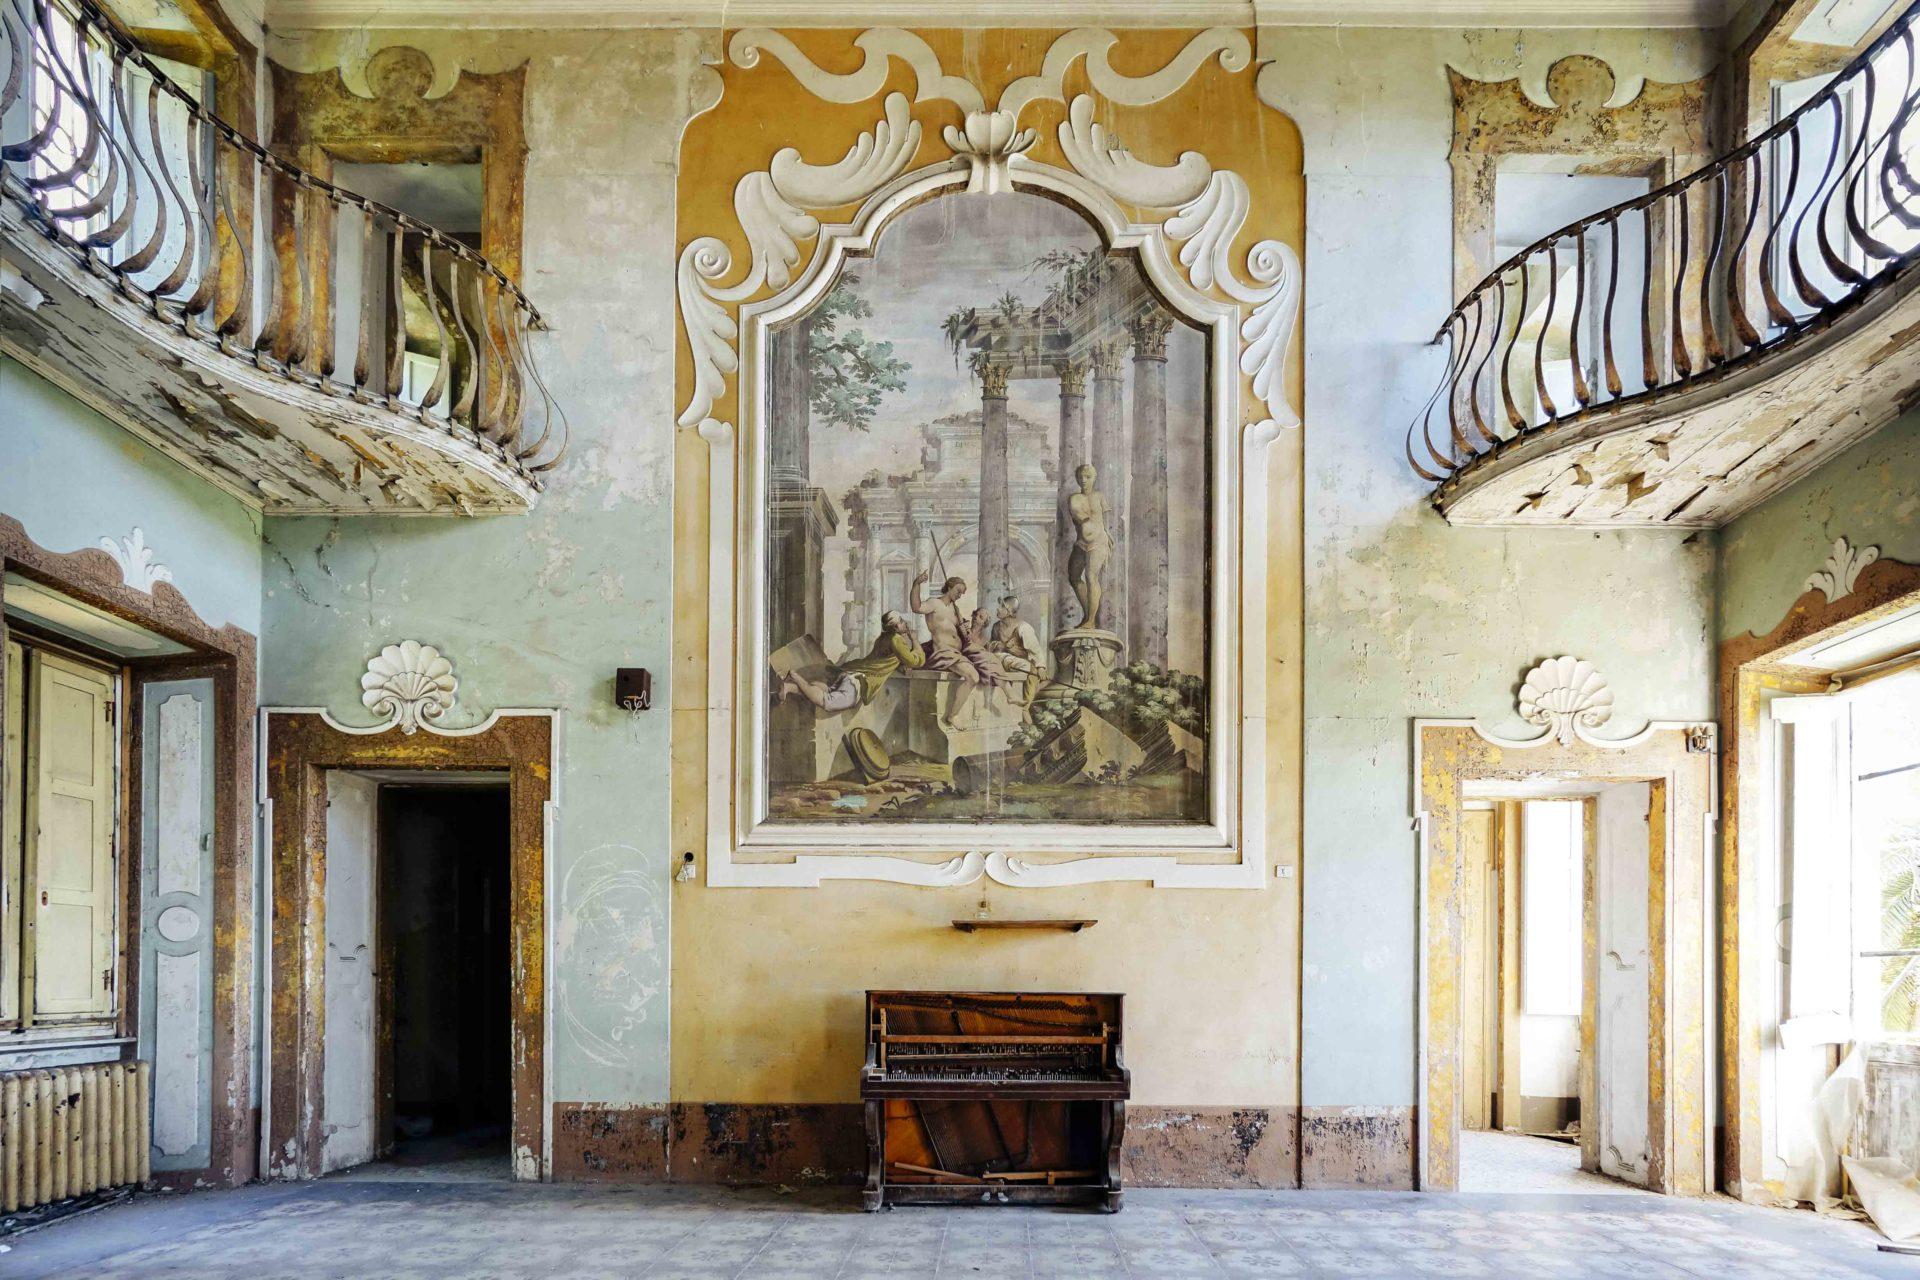 Requiem pour pianos 2 | Serie Requiem pour pianos | Romain Thiery| Italy